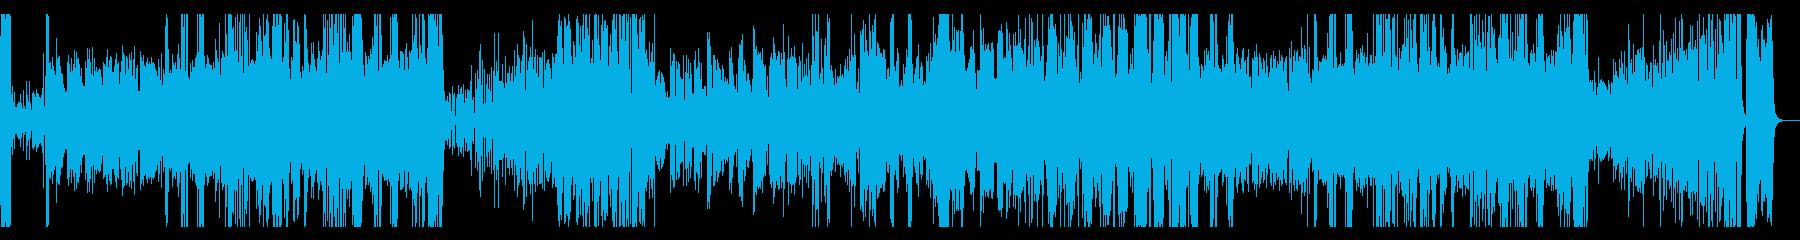 王道ラテンジャズ・ビッグバンド。の再生済みの波形